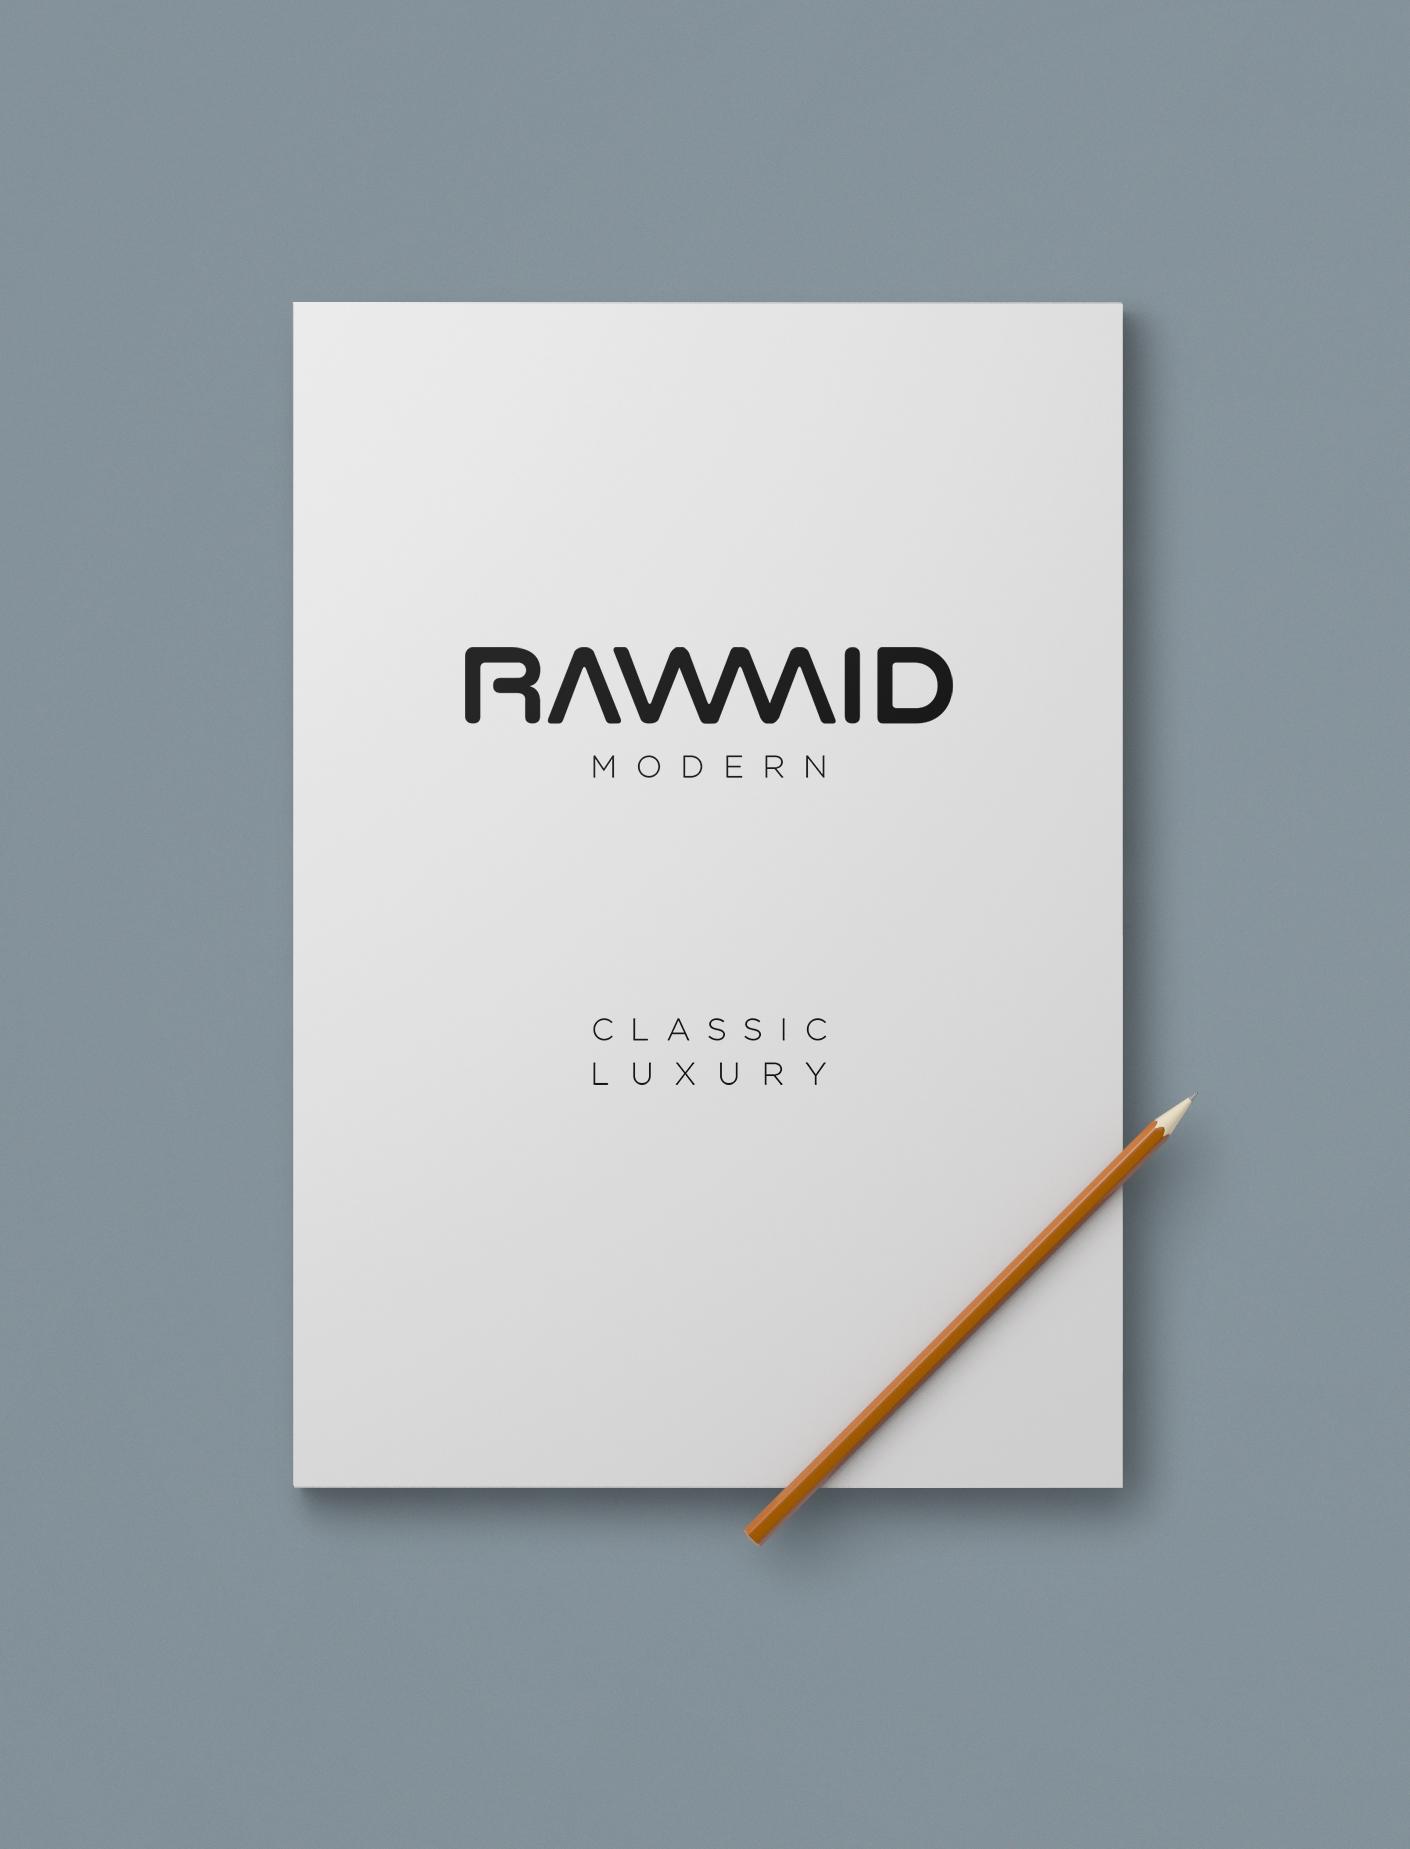 Создать логотип (буквенная часть) для бренда бытовой техники фото f_4935b3497c256279.jpg